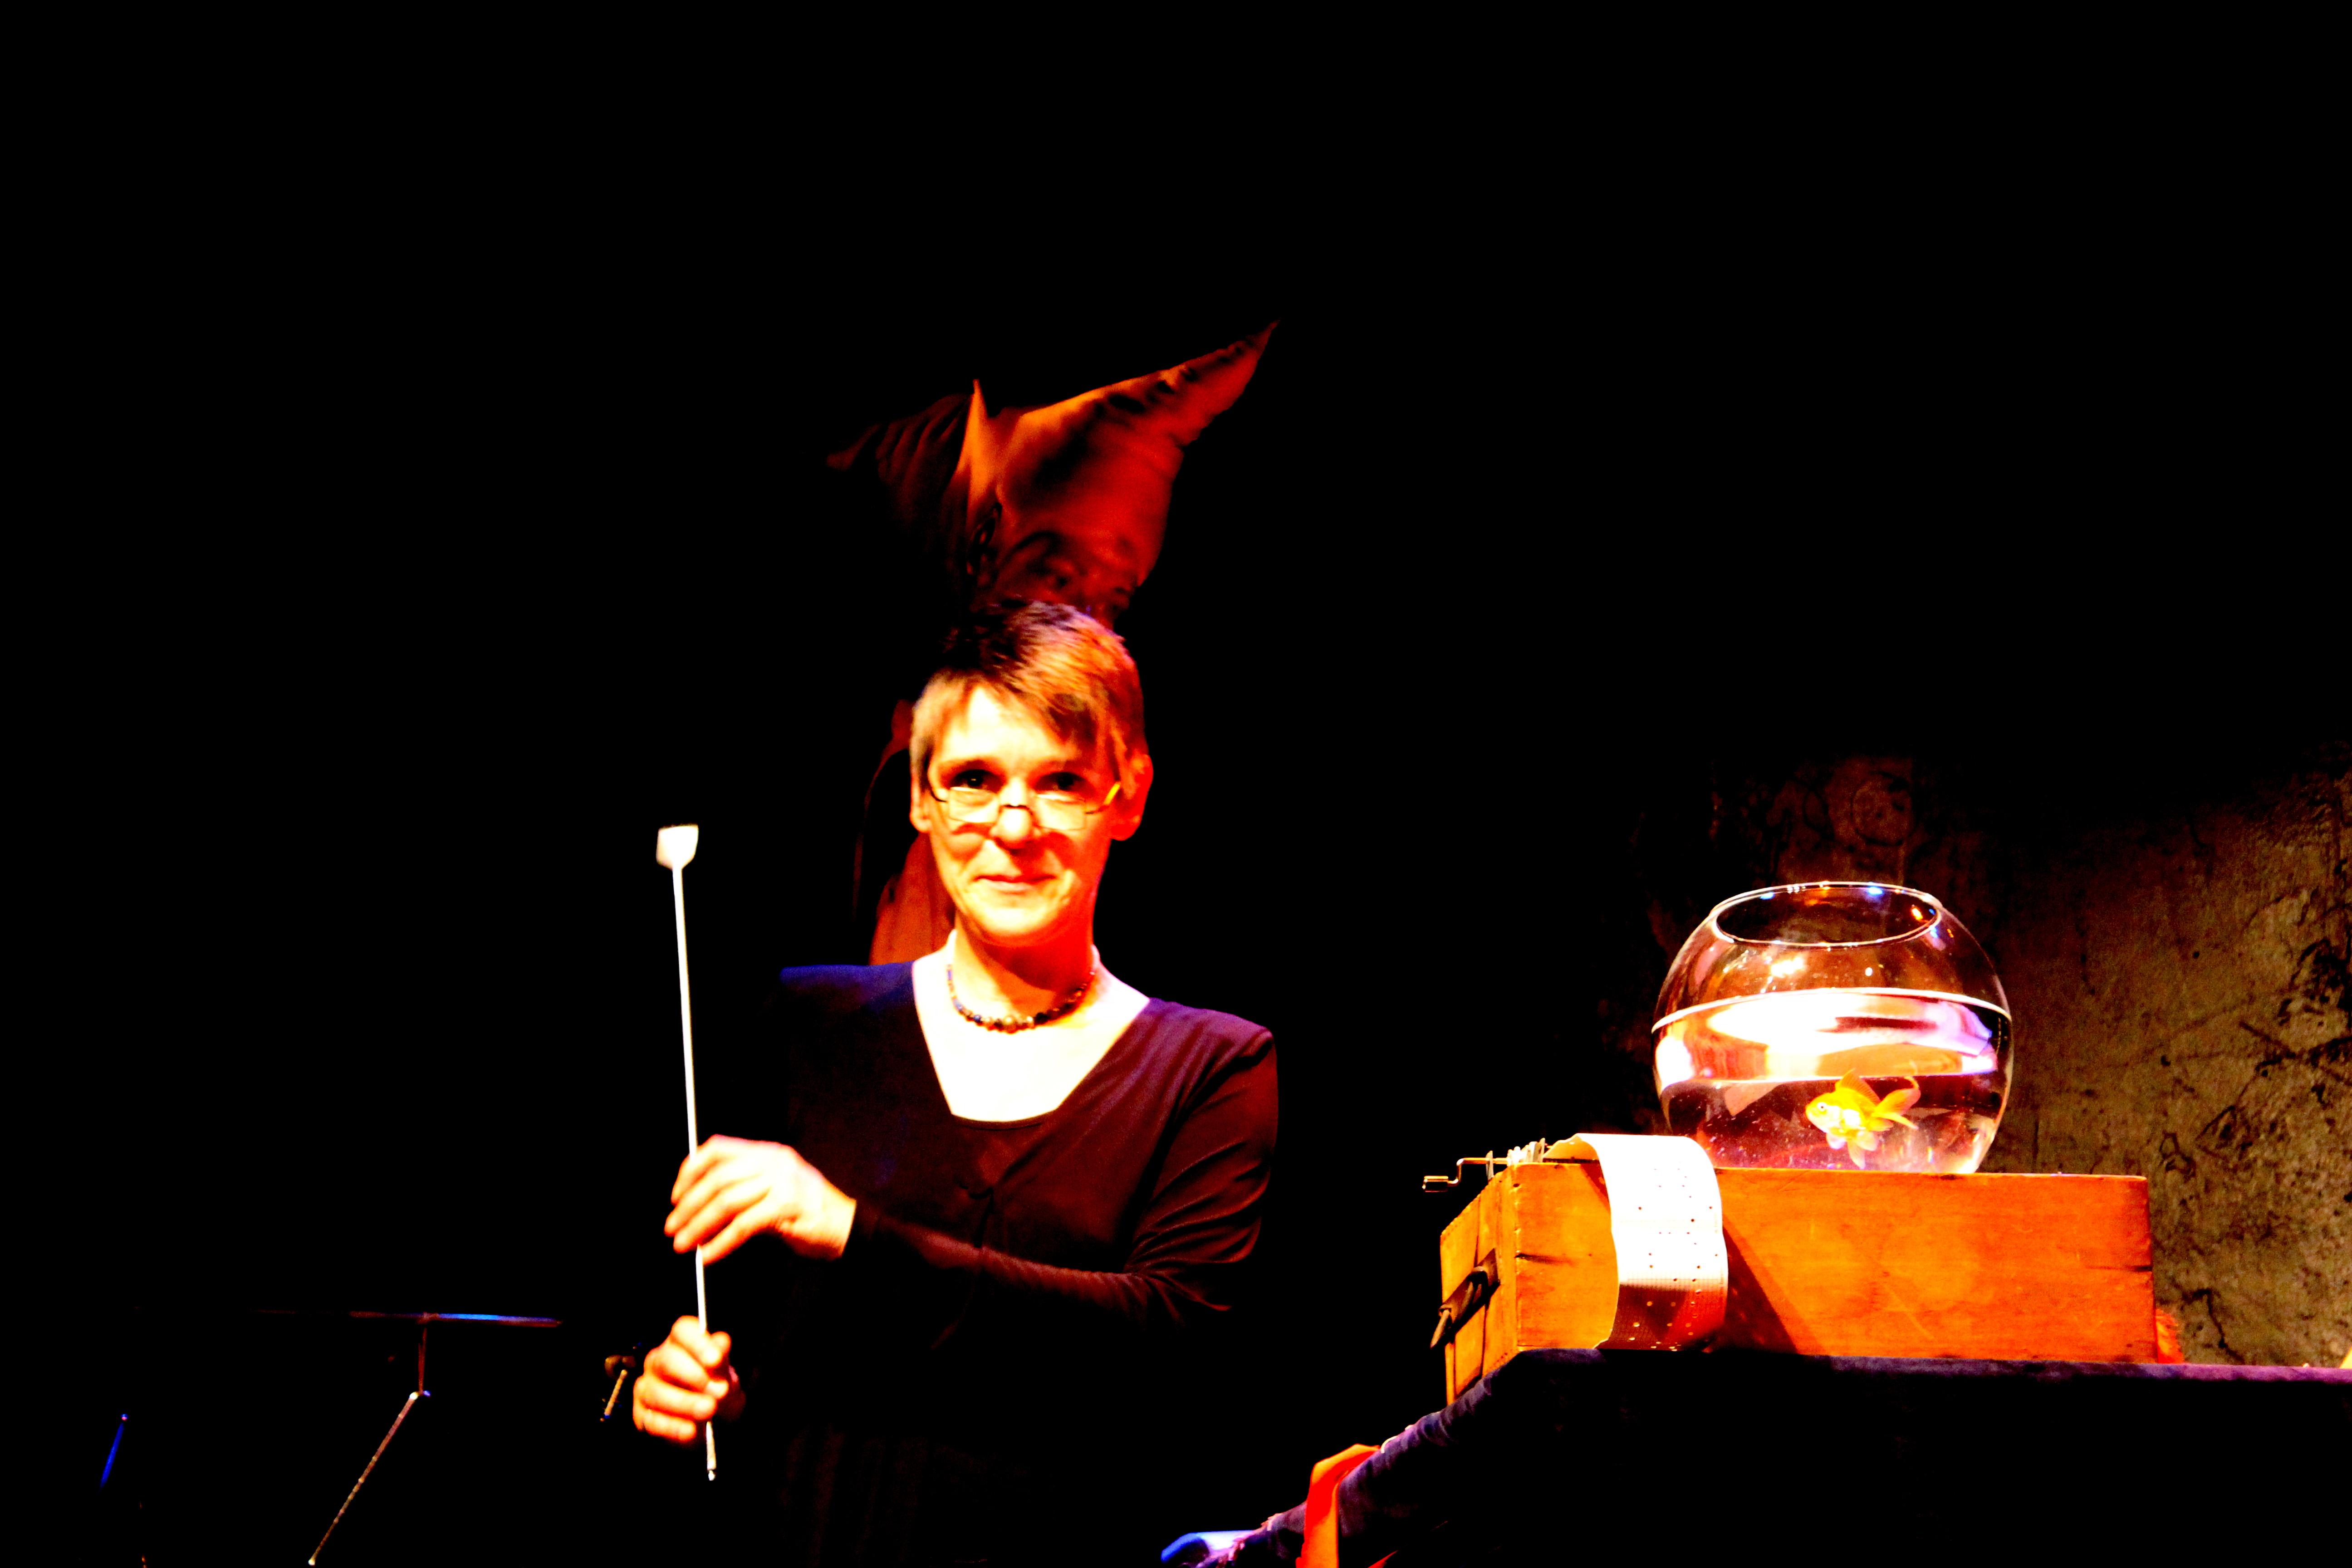 Nathalie Fortin sur scène, le 5 septembre 2015. Photo : Josée Novicz.